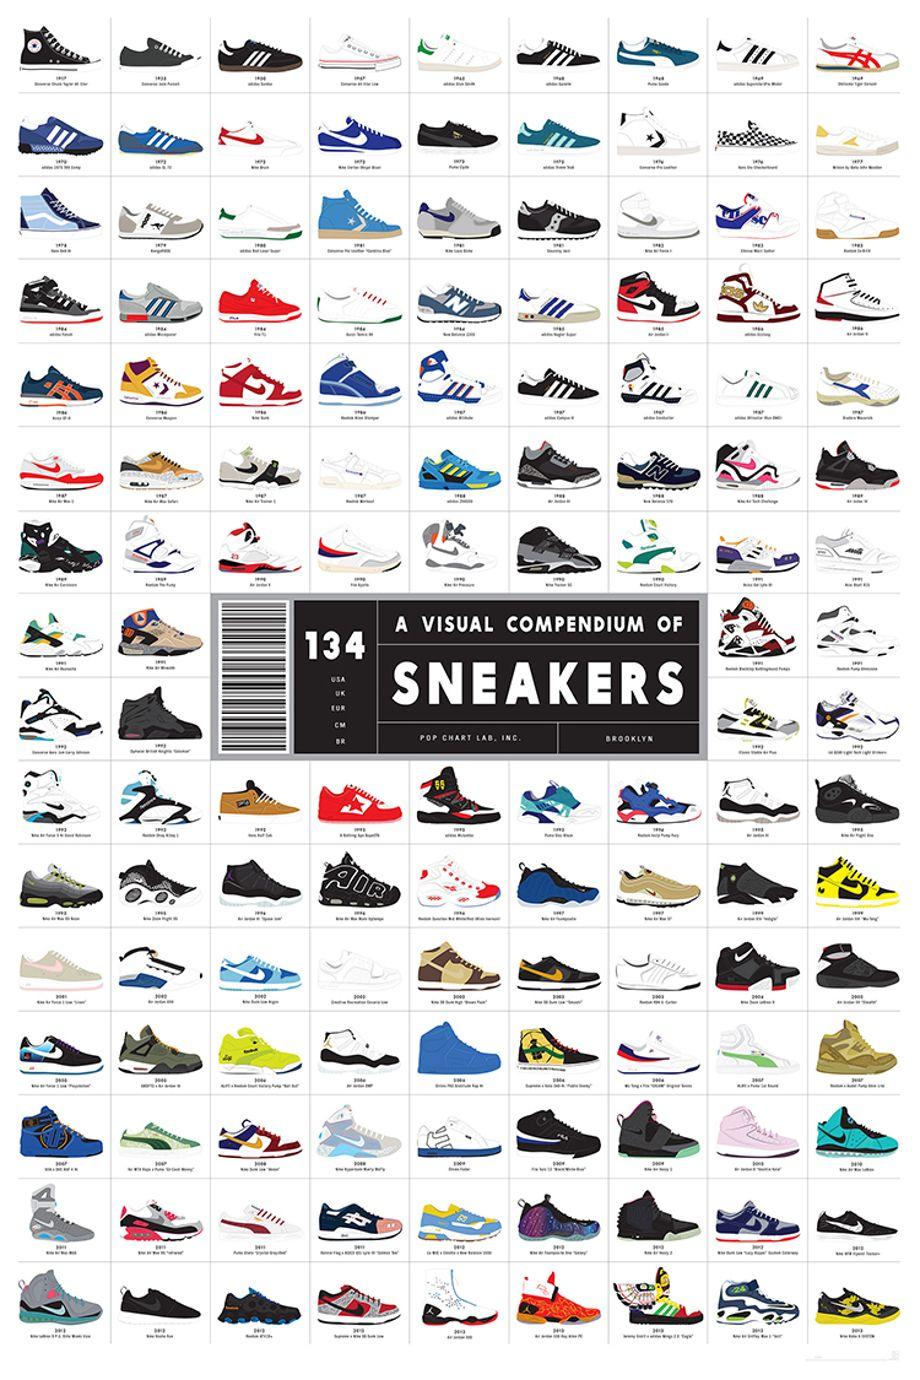 La sneaker a 100 ans : son évolution en 134 paires